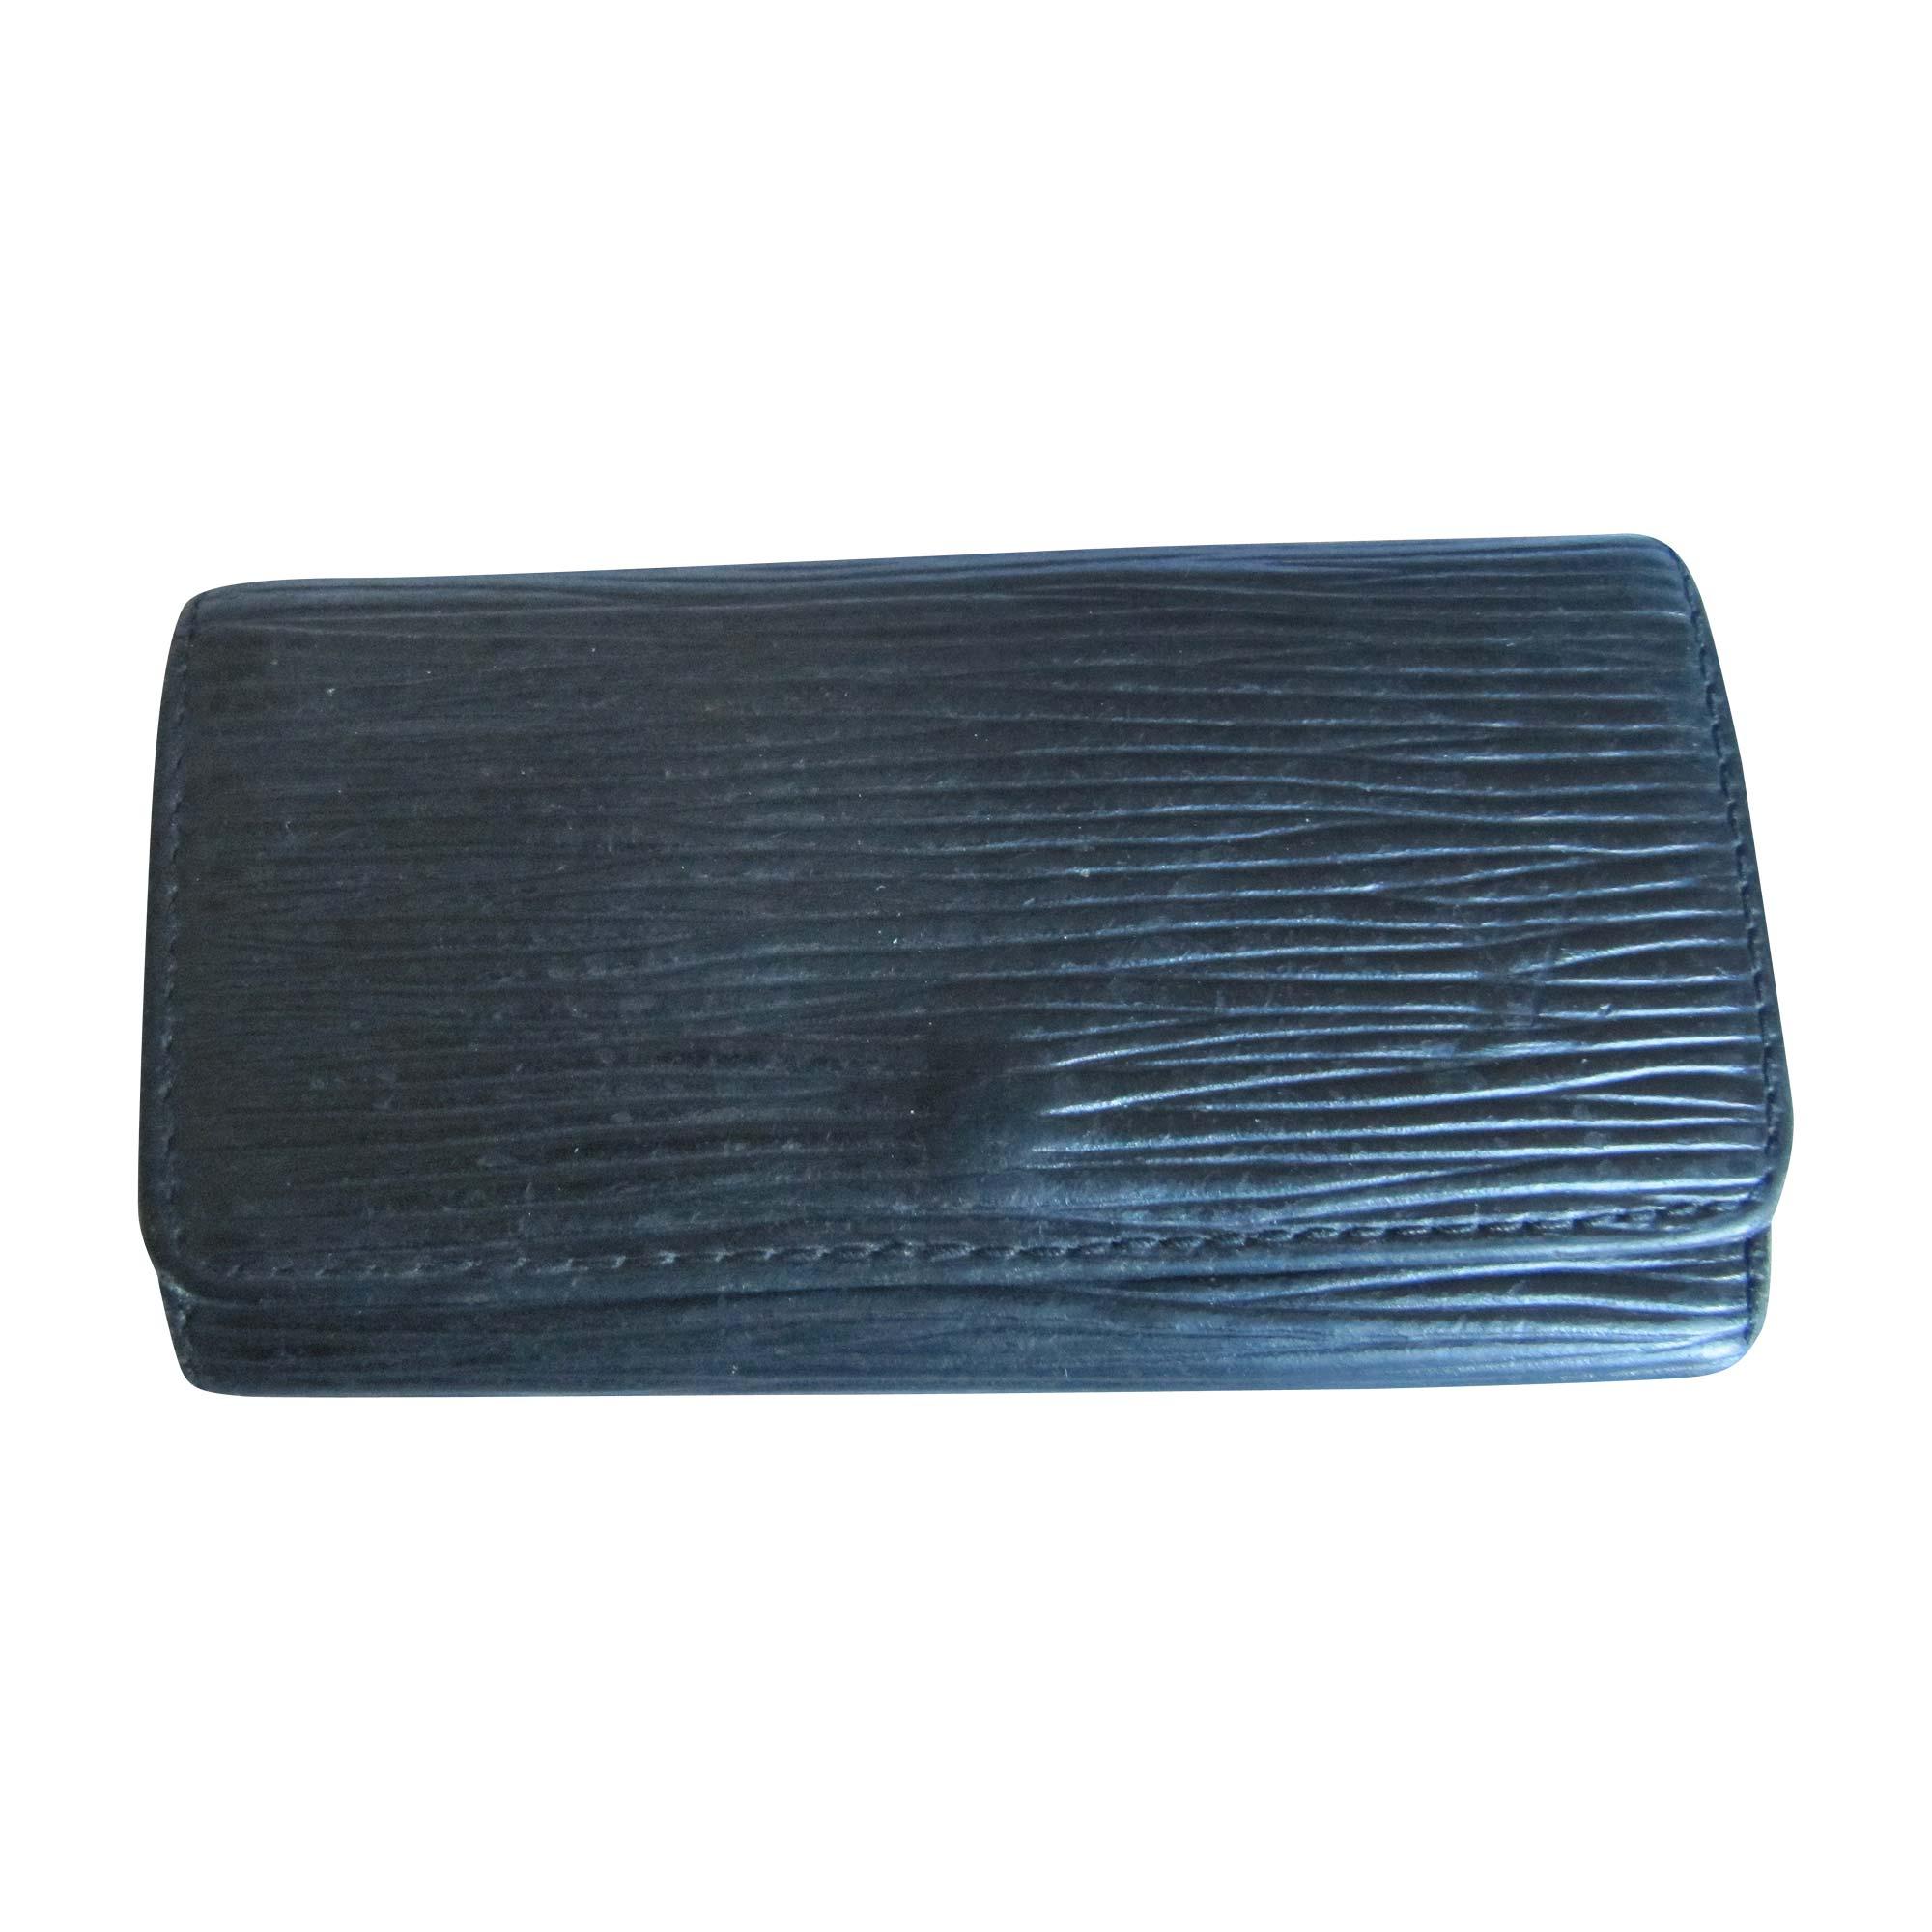 Porte-clés LOUIS VUITTON noir - 6056153 084dee0566a